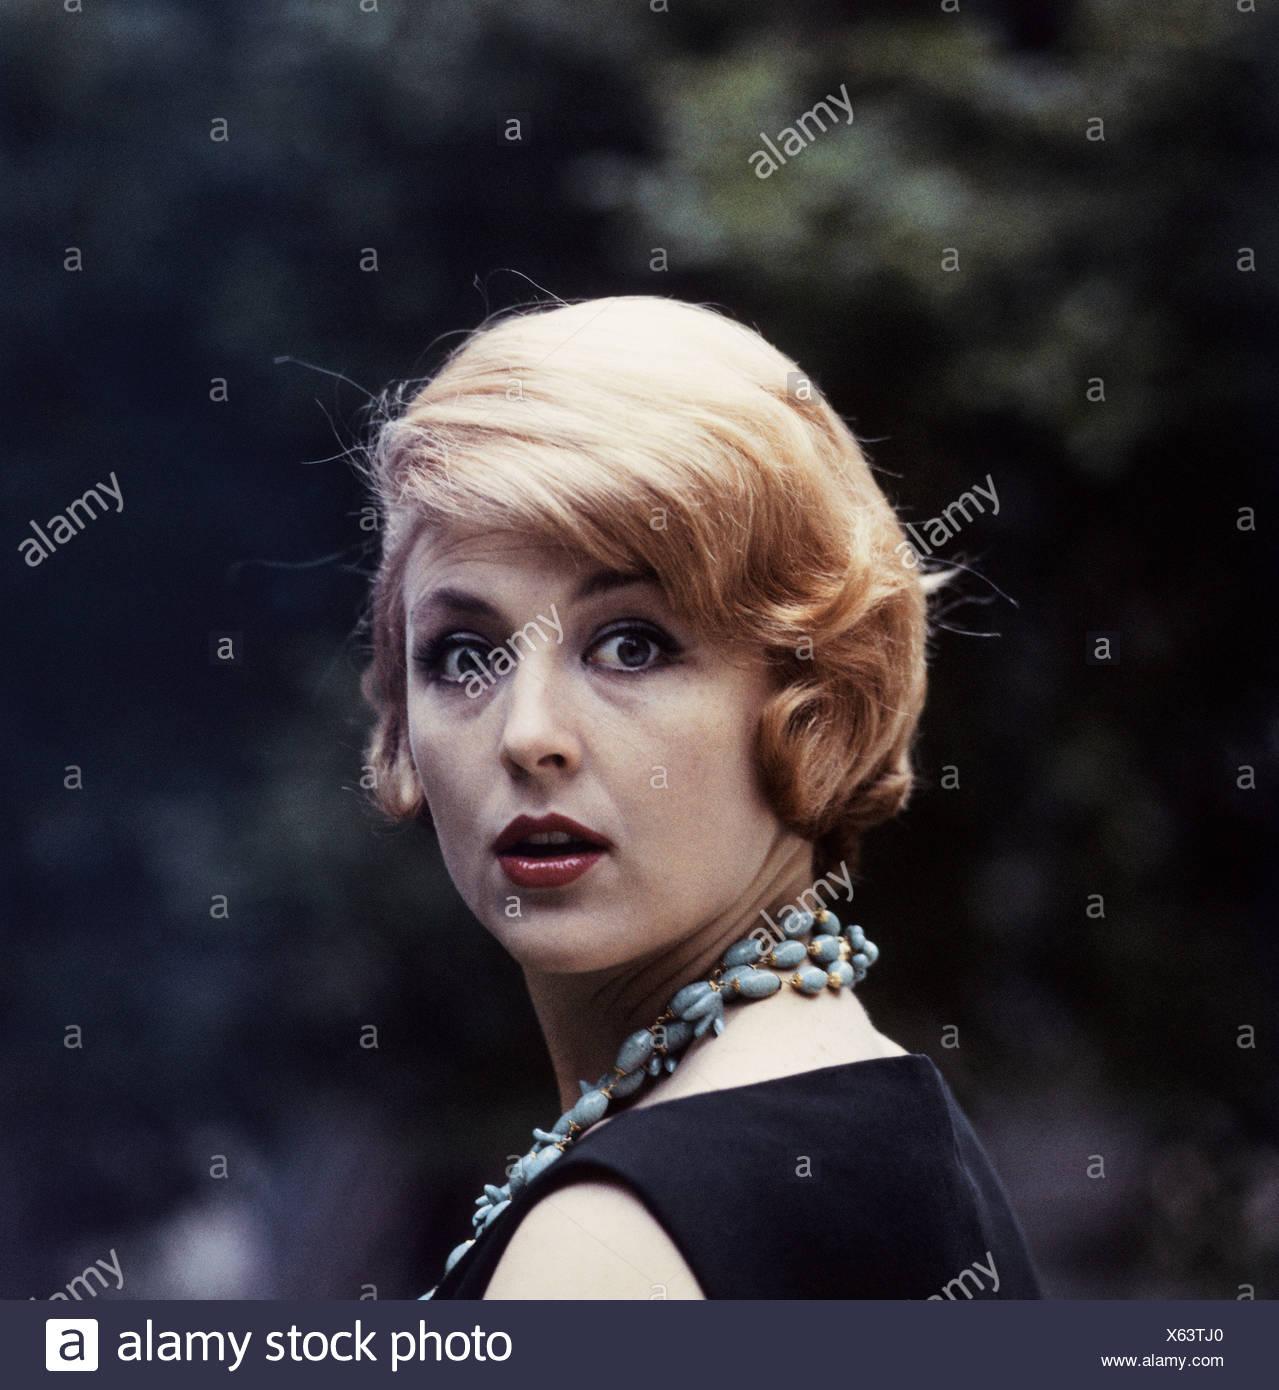 Mode 60er Jahre Frisur Frau Mit Blonden Haaren Portrat